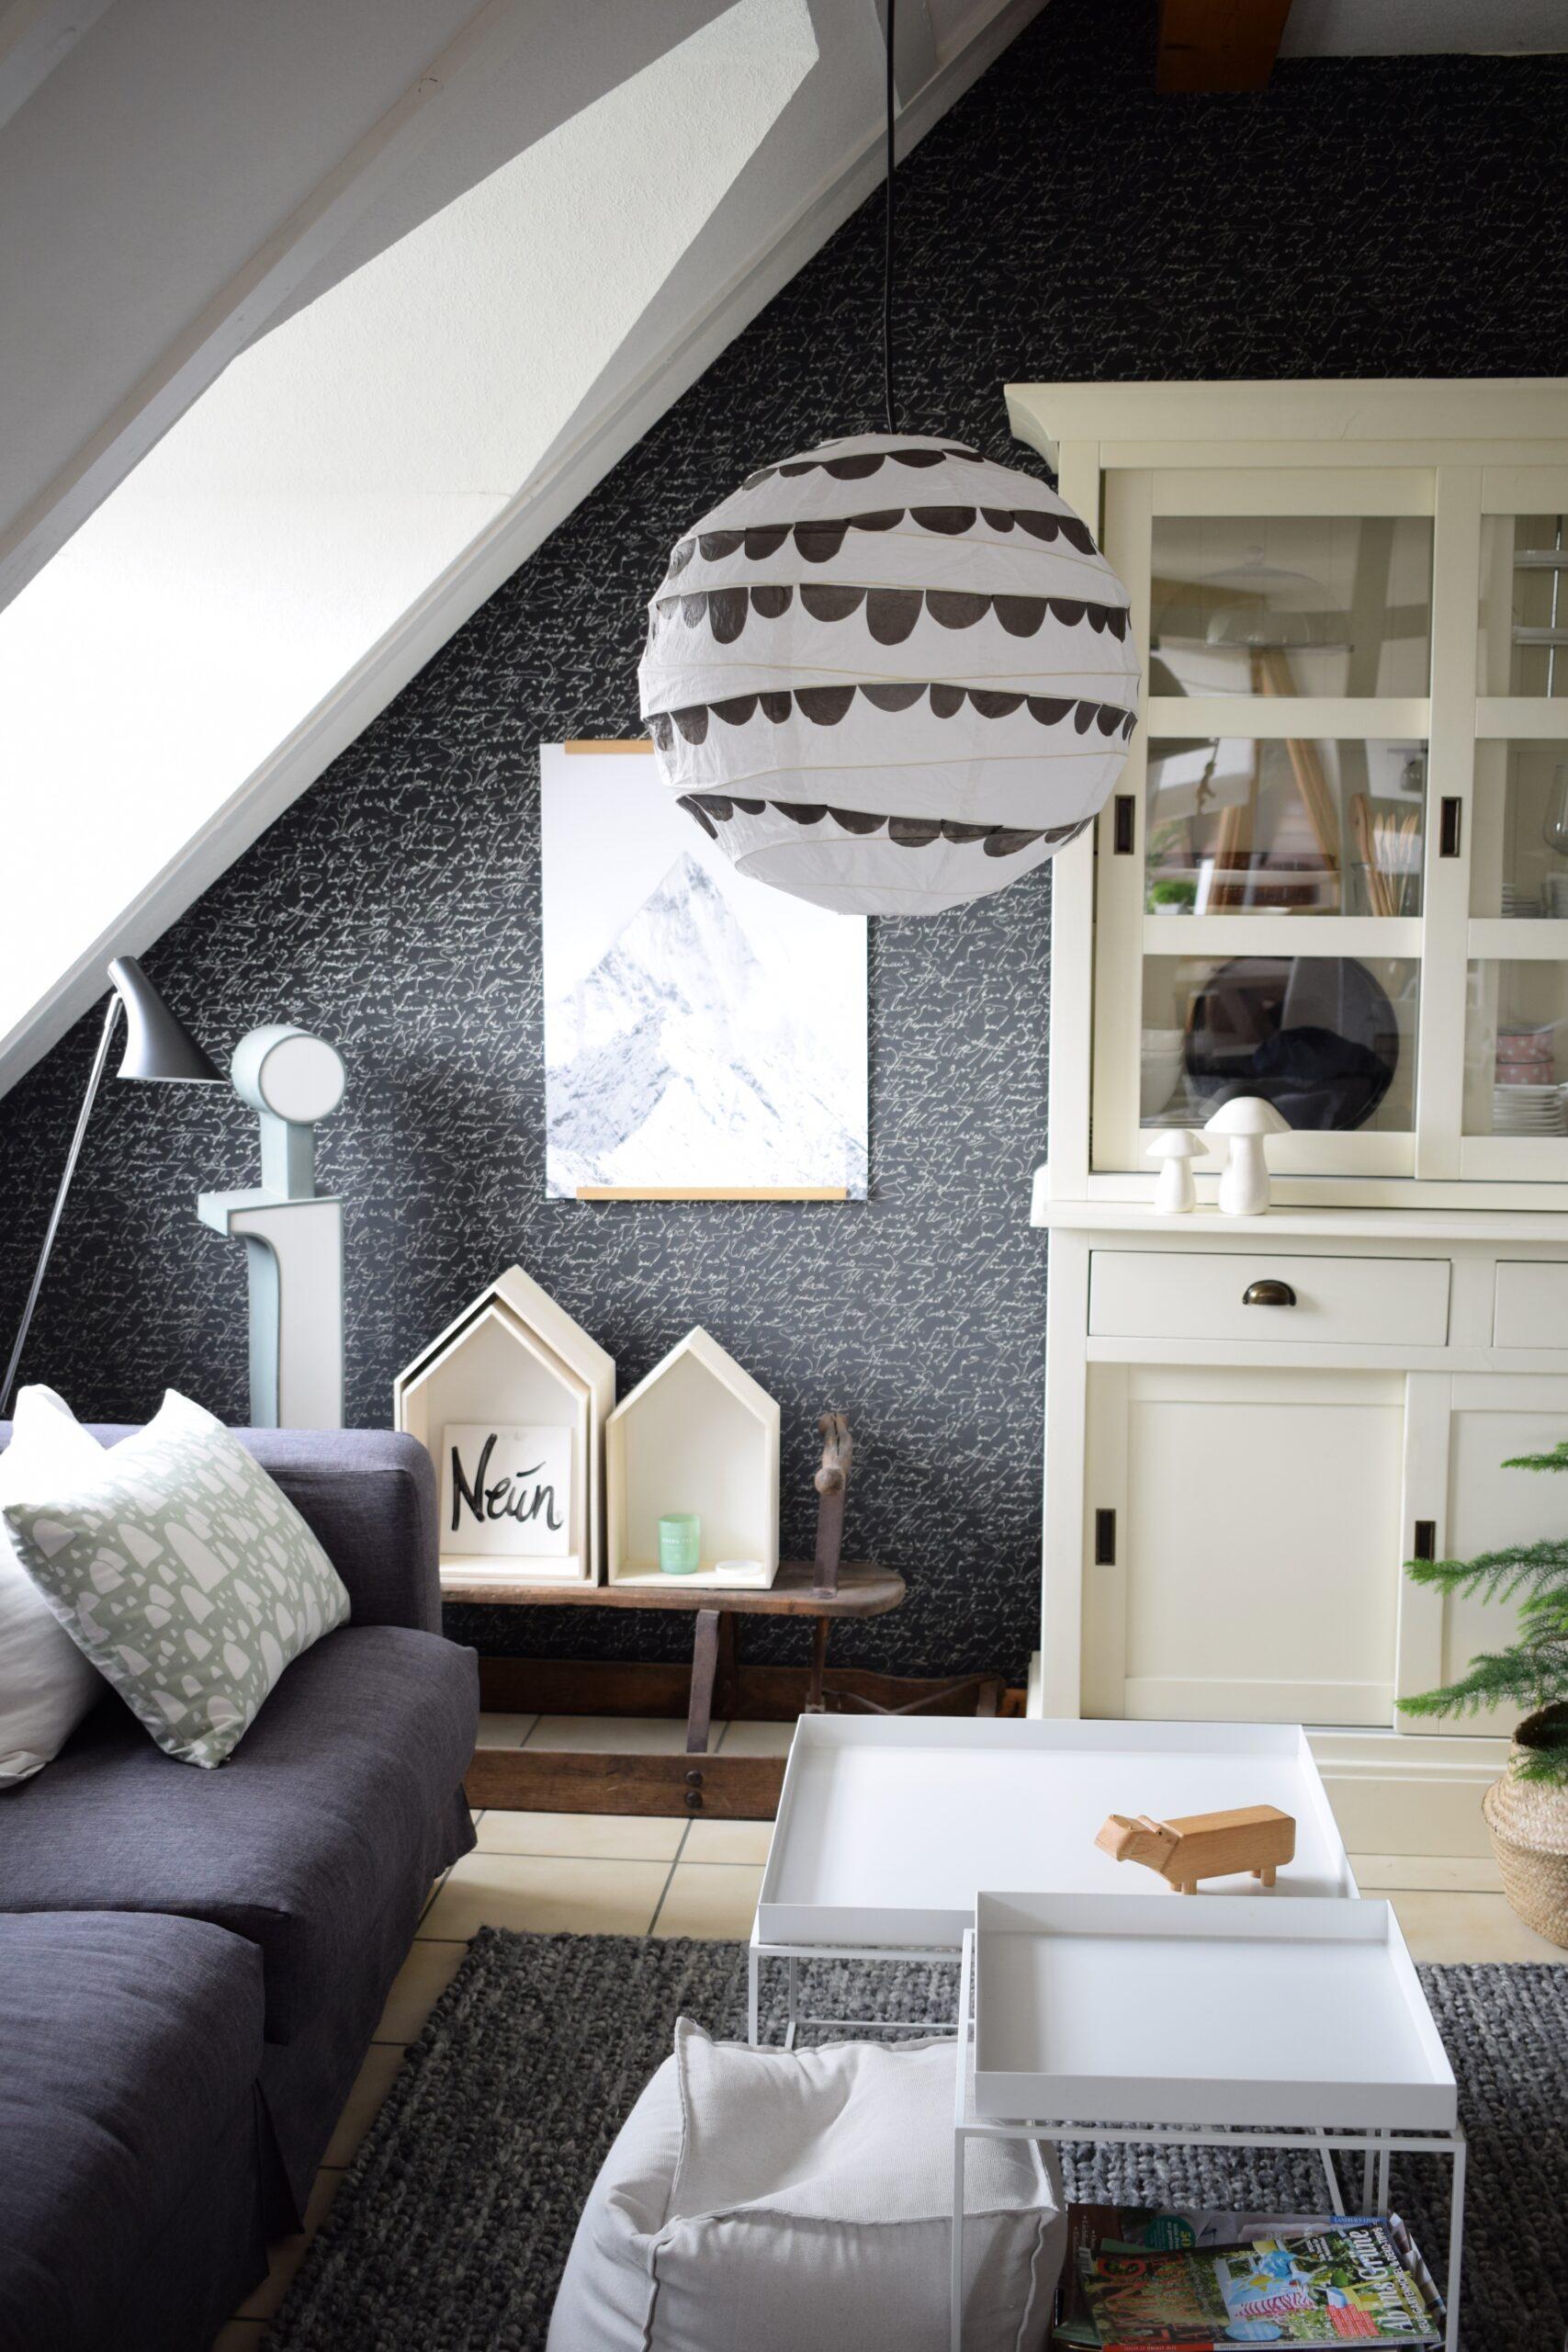 Full Size of Diy Eine Neue Lampe Frs Kinderzimmer Schwarz Auf Wei Küche Kaufen Ikea Hängelampe Wohnzimmer Stehleuchte Sofa Kleines Wandtattoos Pendelleuchte Tischlampe Wohnzimmer Ikea Wohnzimmer Lampe